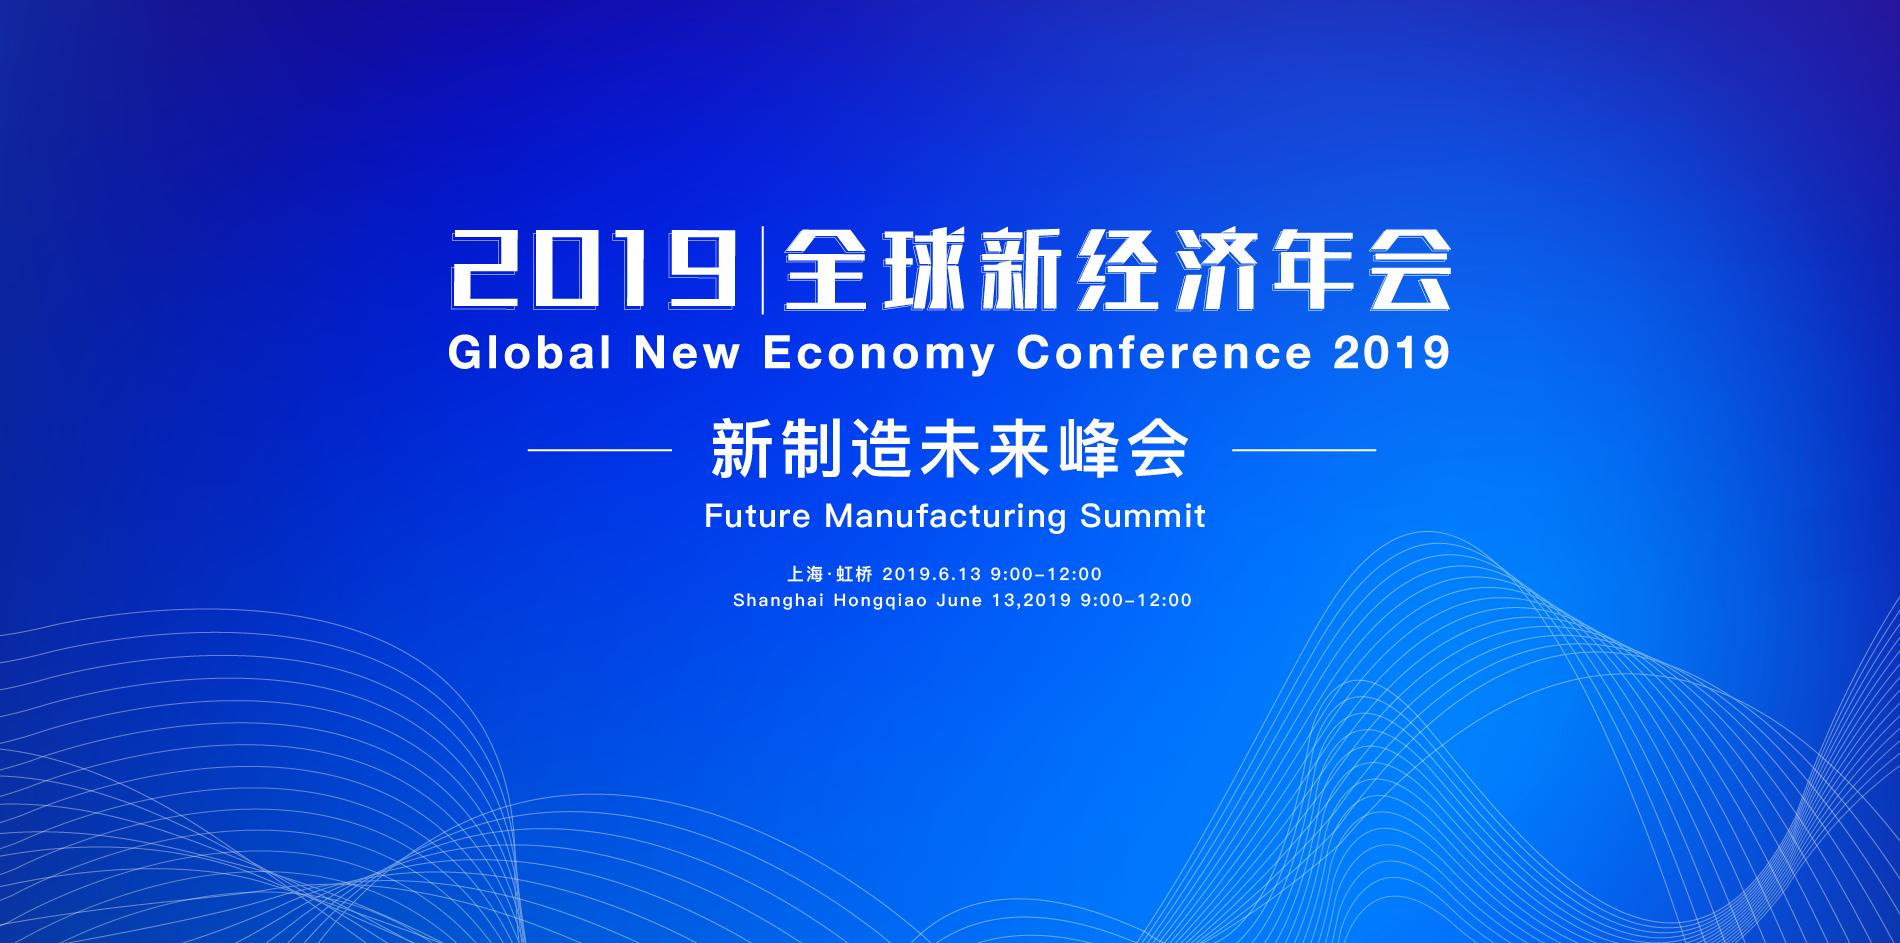 【活动】2019全球新经济年会-新制造未来峰会-9号彩票亿欧